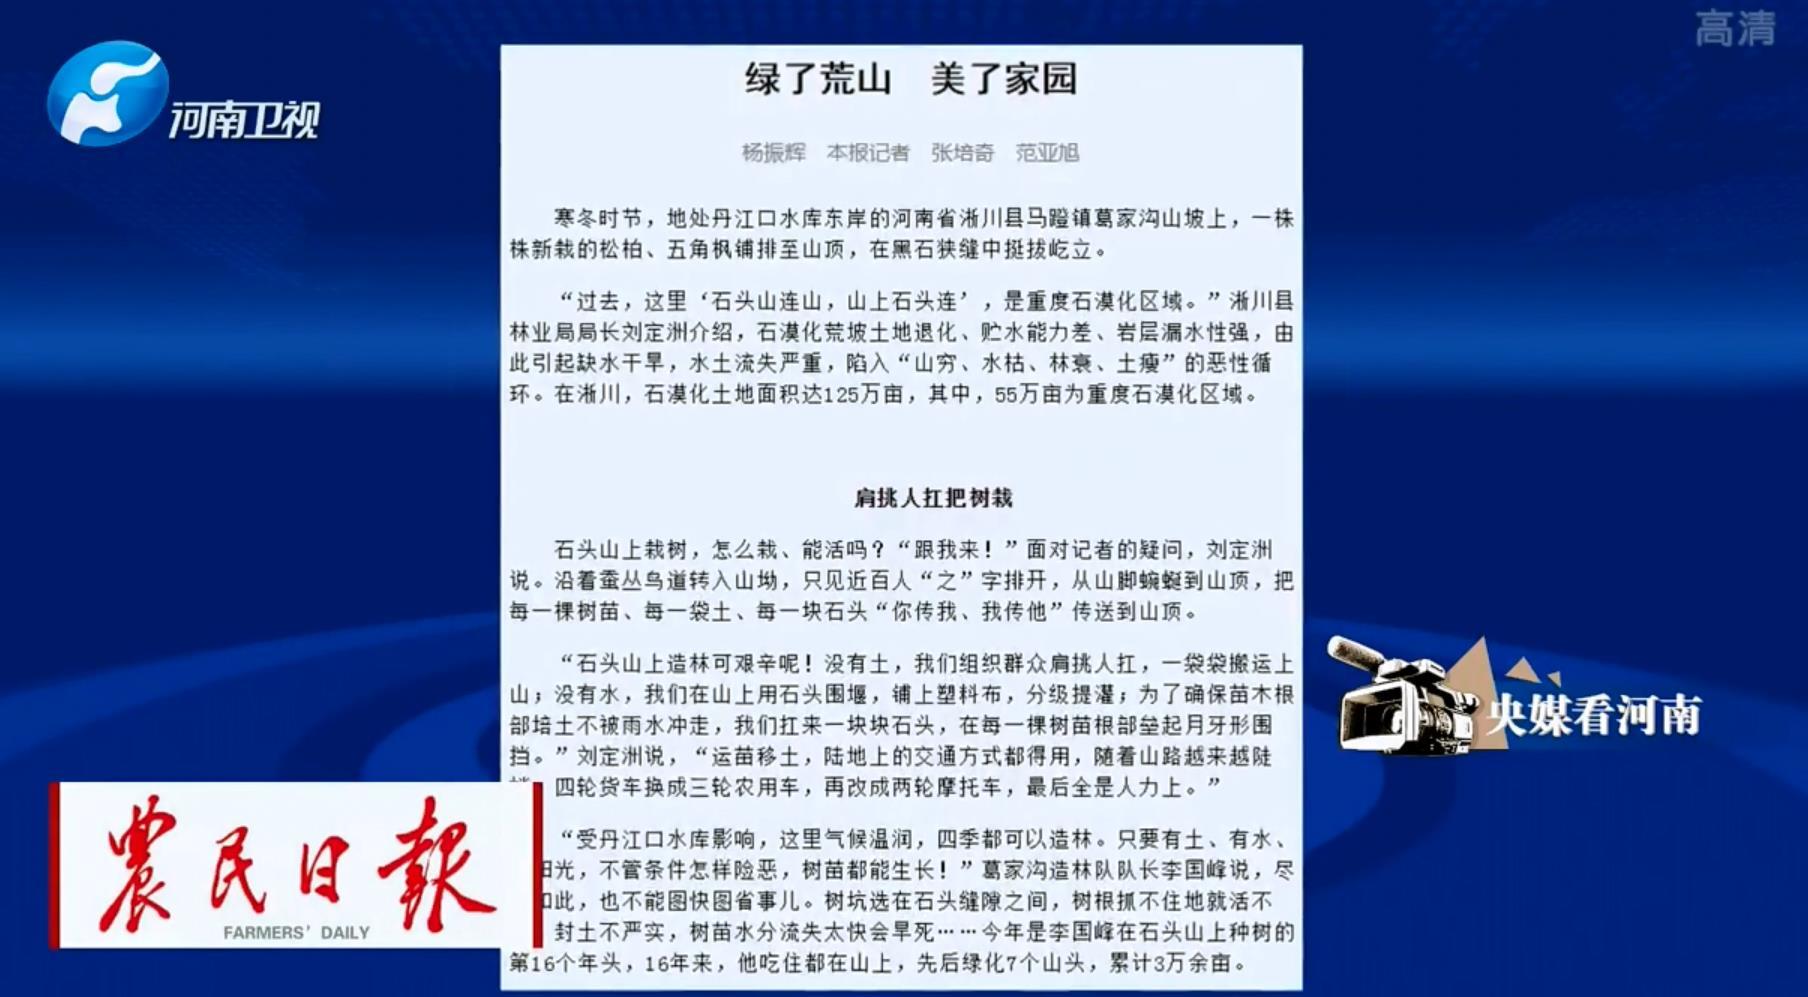 中央媒体关注郑州进口冷链食品集中监管仓、植树造林等情况